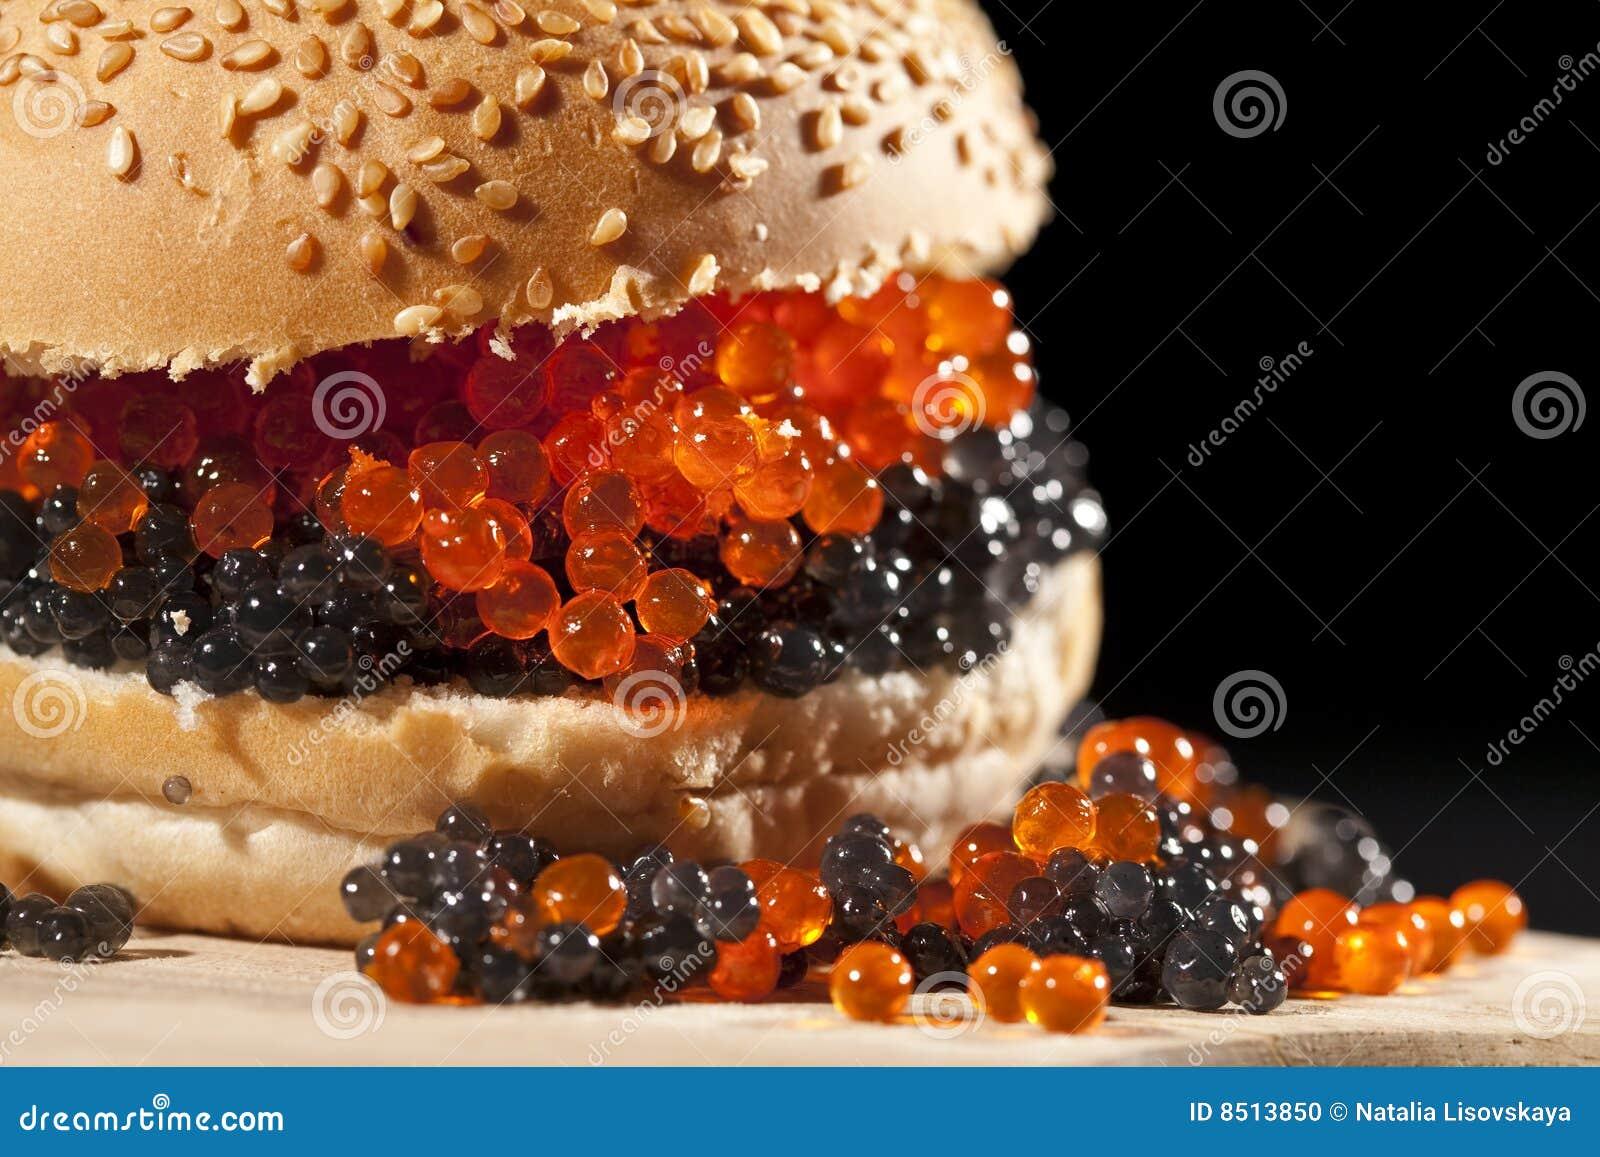 Big Hamburger With Red And Black Caviar Stock Photo Image - Black hamburger